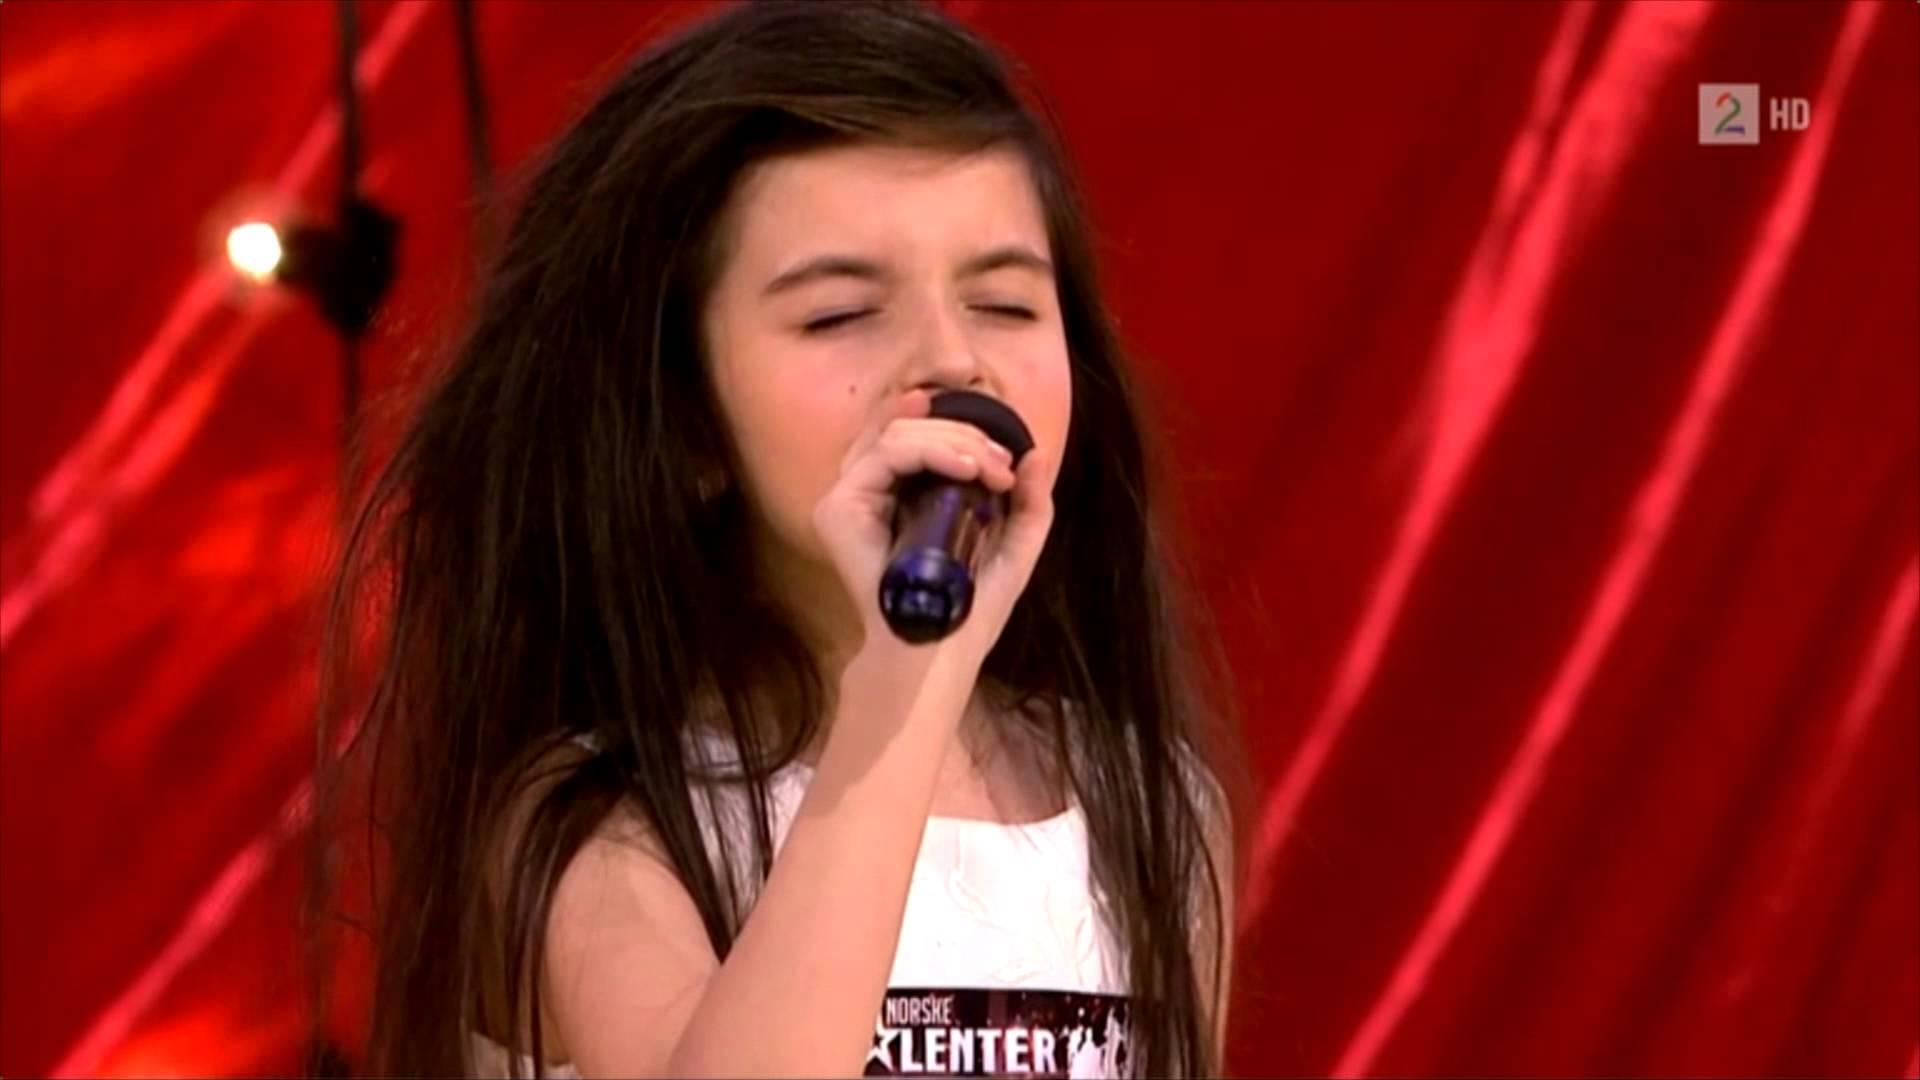 2014年時,以只有8歲的小小年紀,參加挪威的一個選秀節目,展露頭角的她